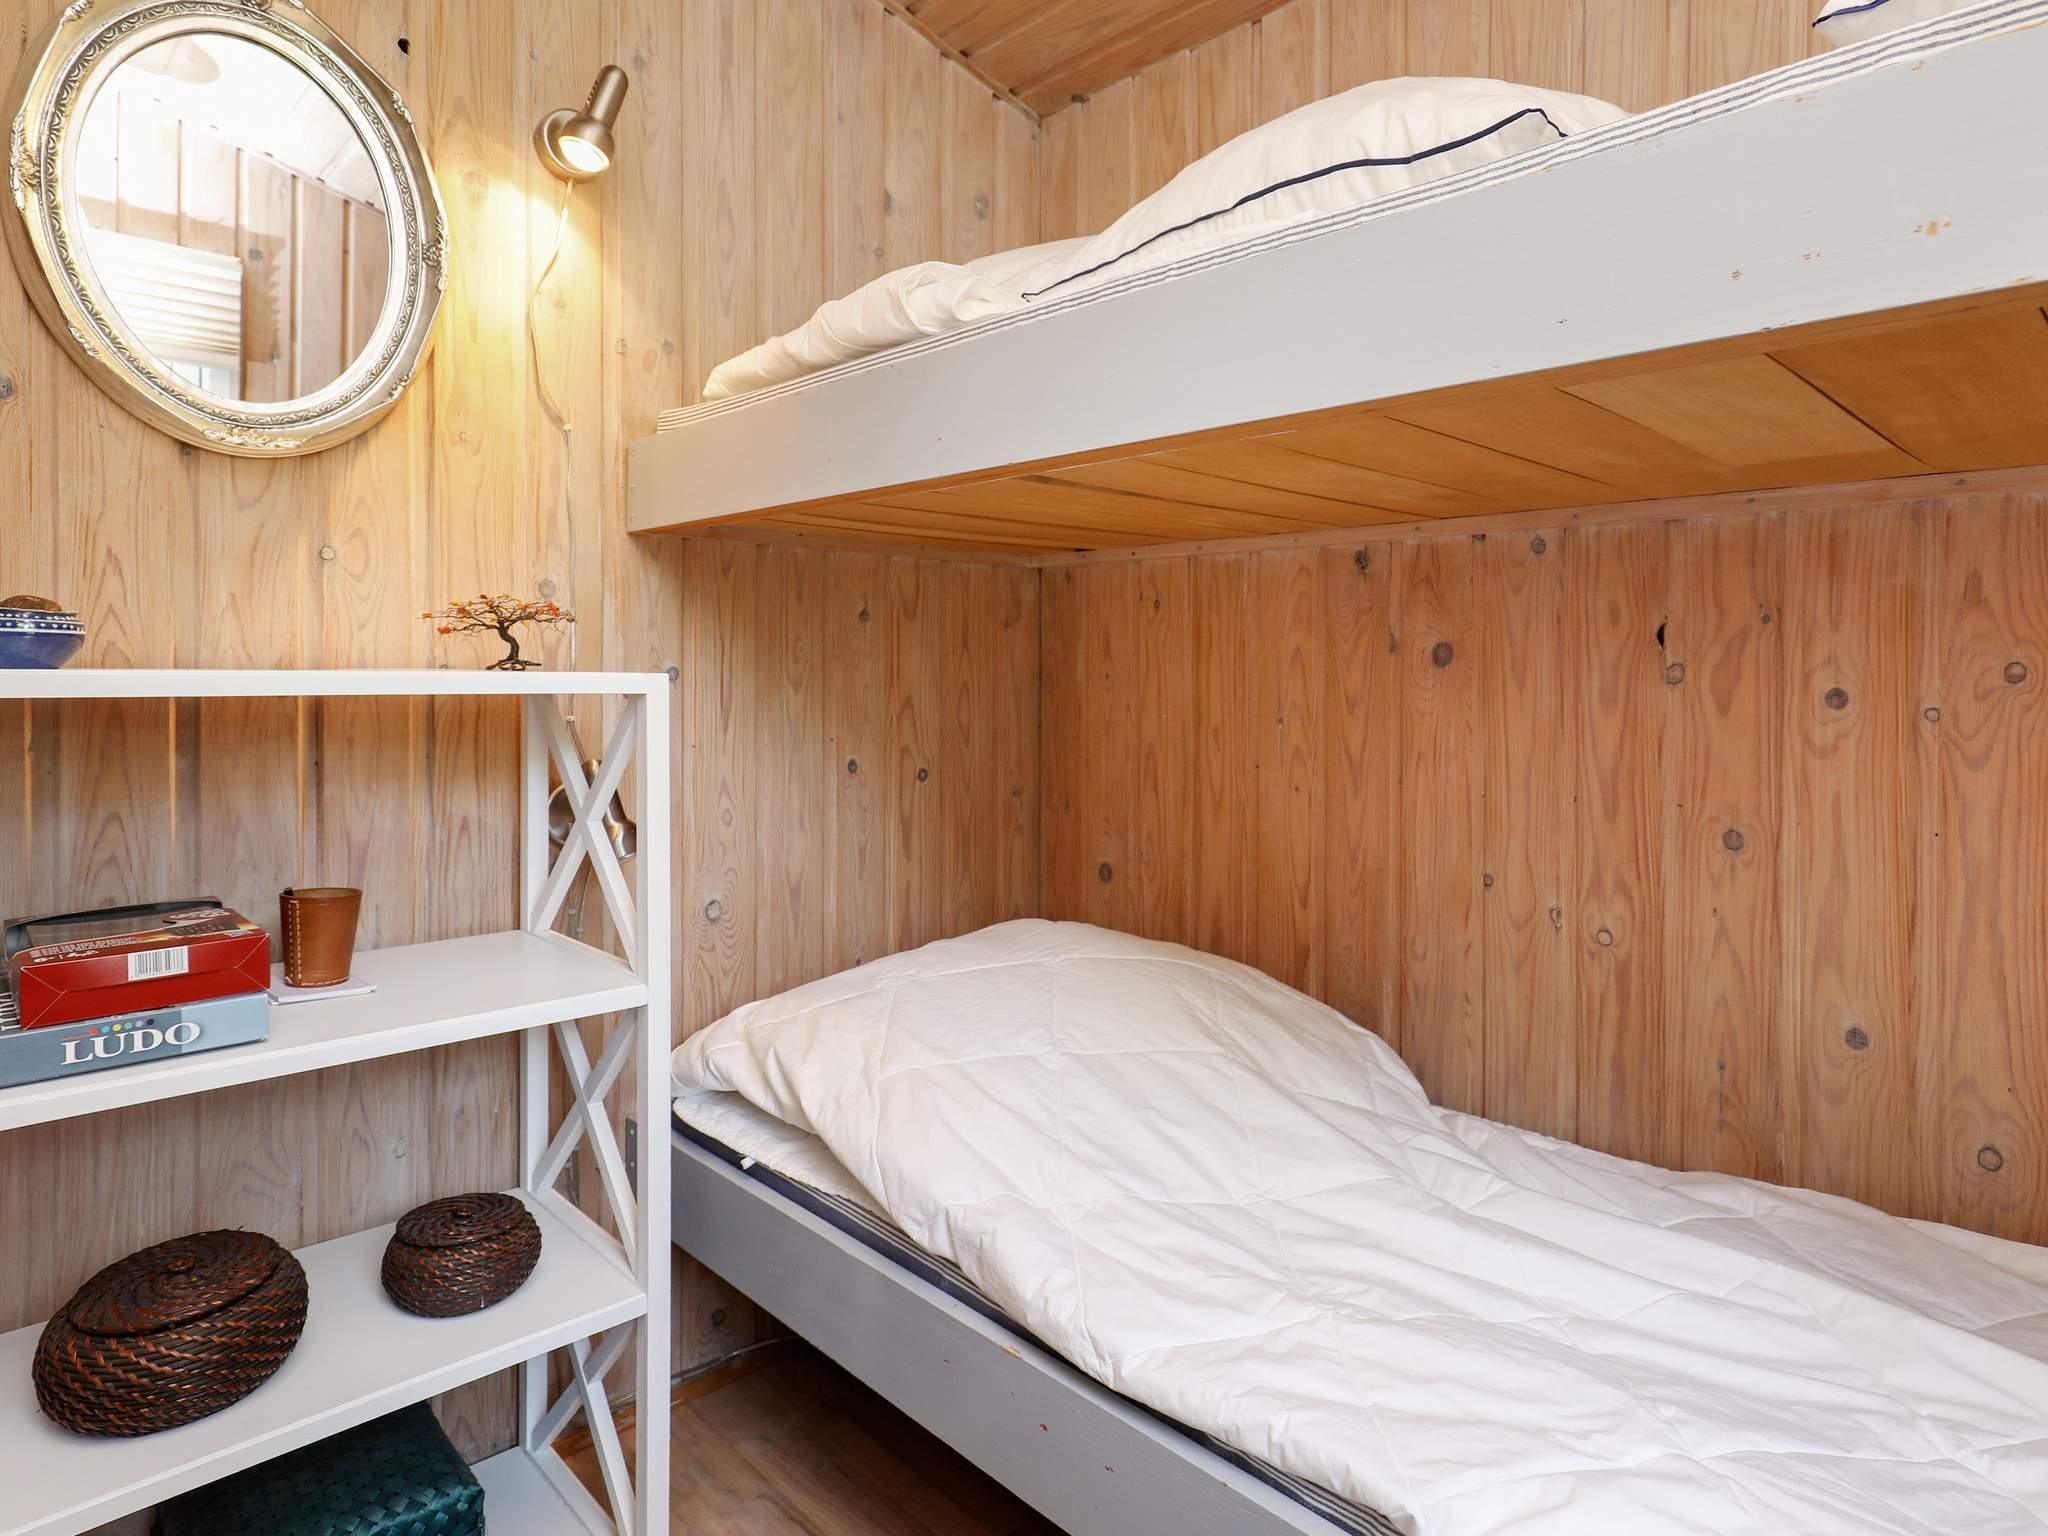 Ferienhaus Kjul Strand (2523809), Hirtshals, , Nordwestjütland, Dänemark, Bild 10